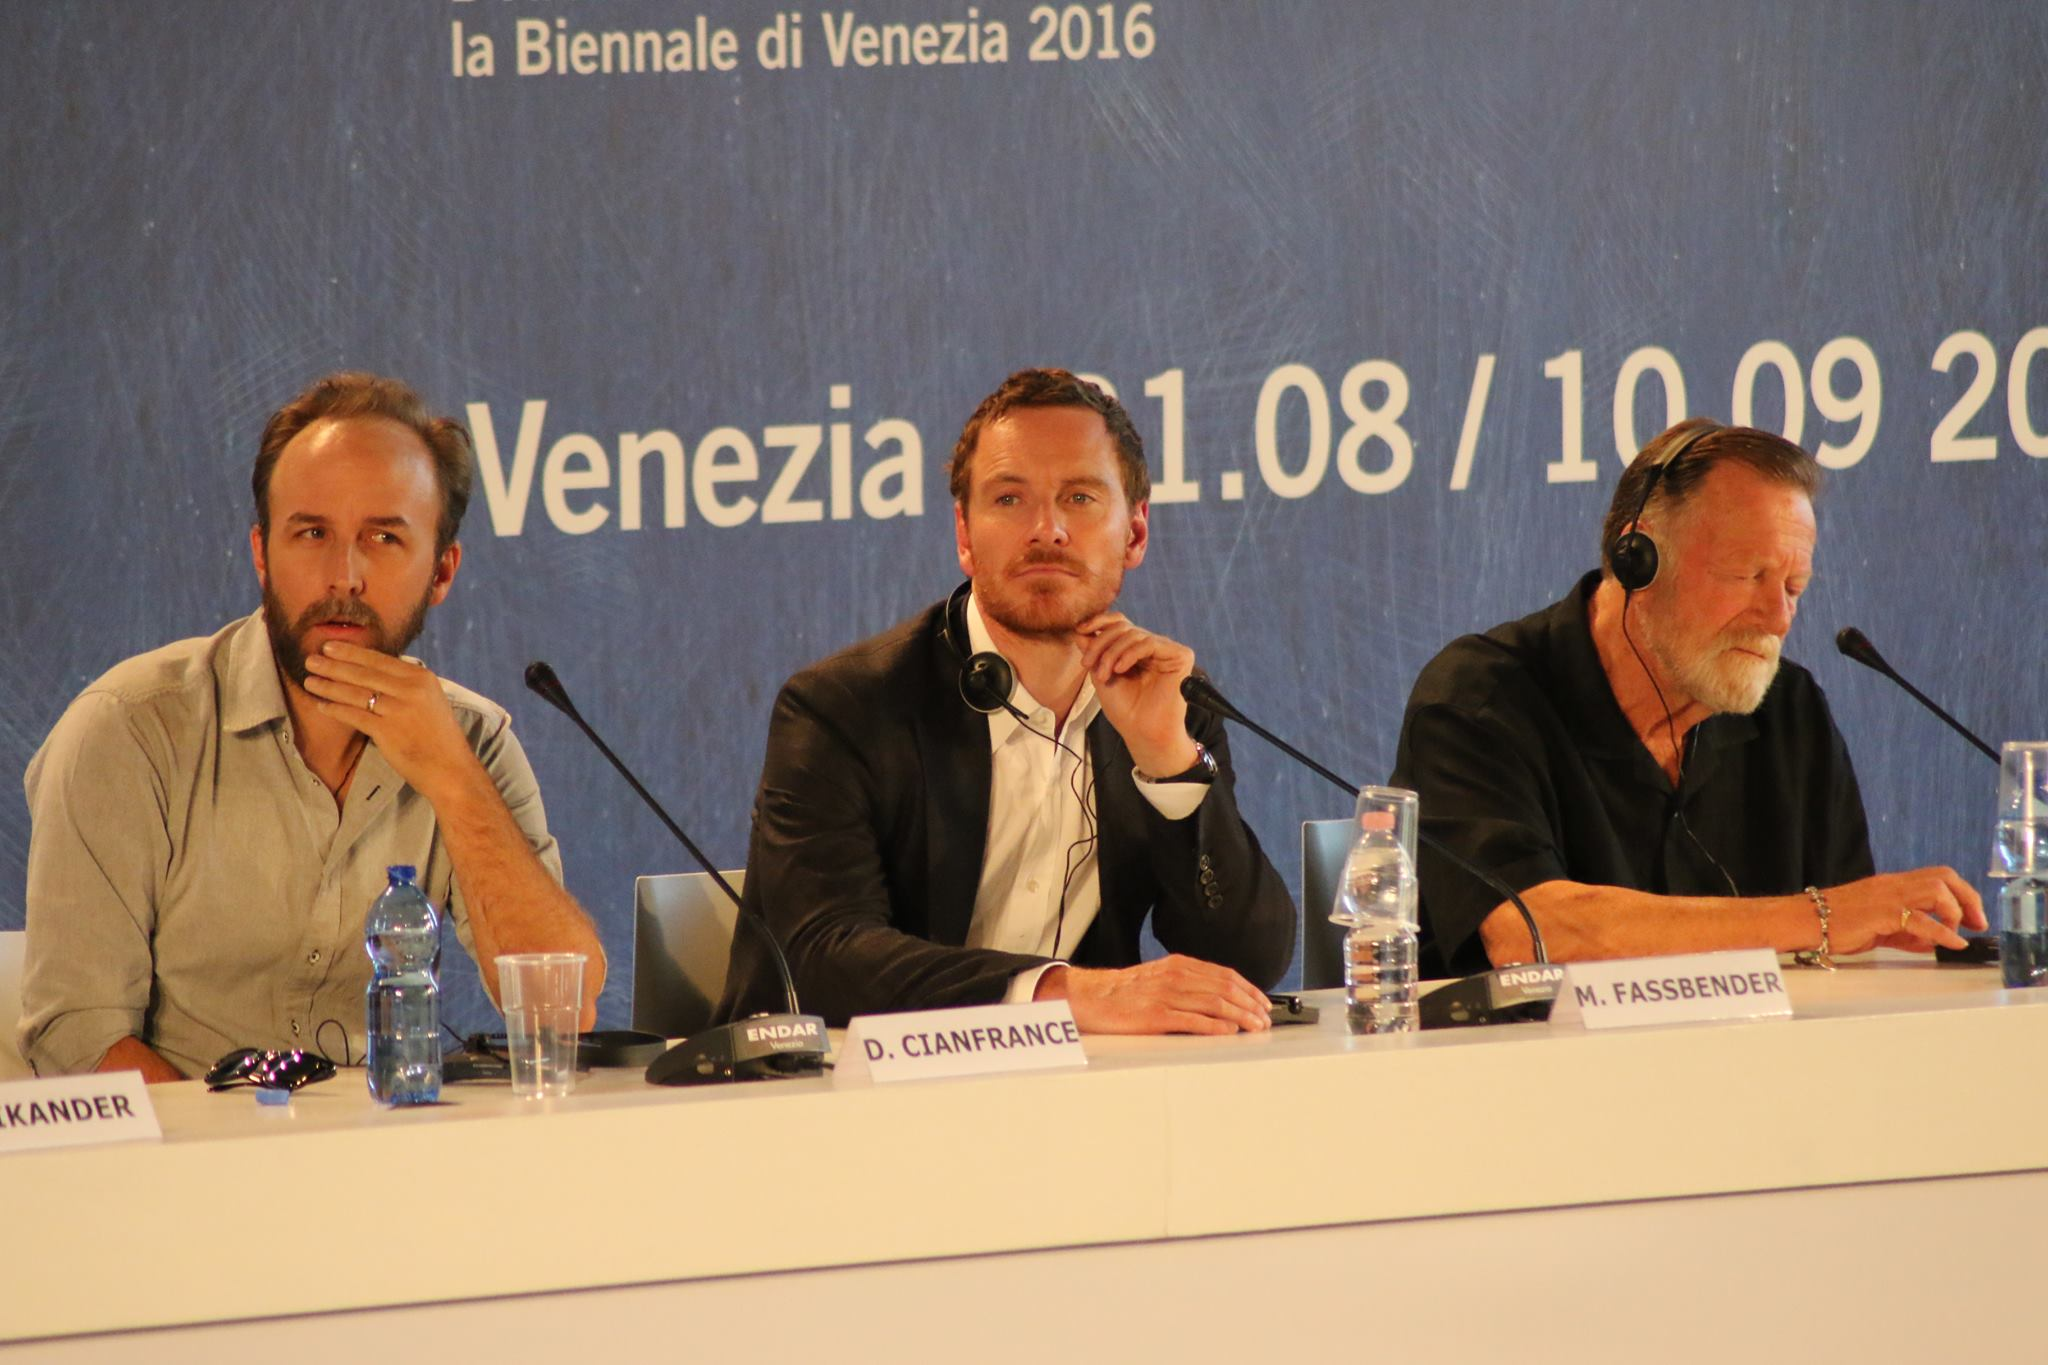 A Venezia sono sbarcatidue attori amatissimi, Michael Fassbender e la neo premio Oscar Alicia Vikander. Nella conferenza stampa di oggi hanno raccontato il loro nuovo film,La luce sugli oceani (leggi […]